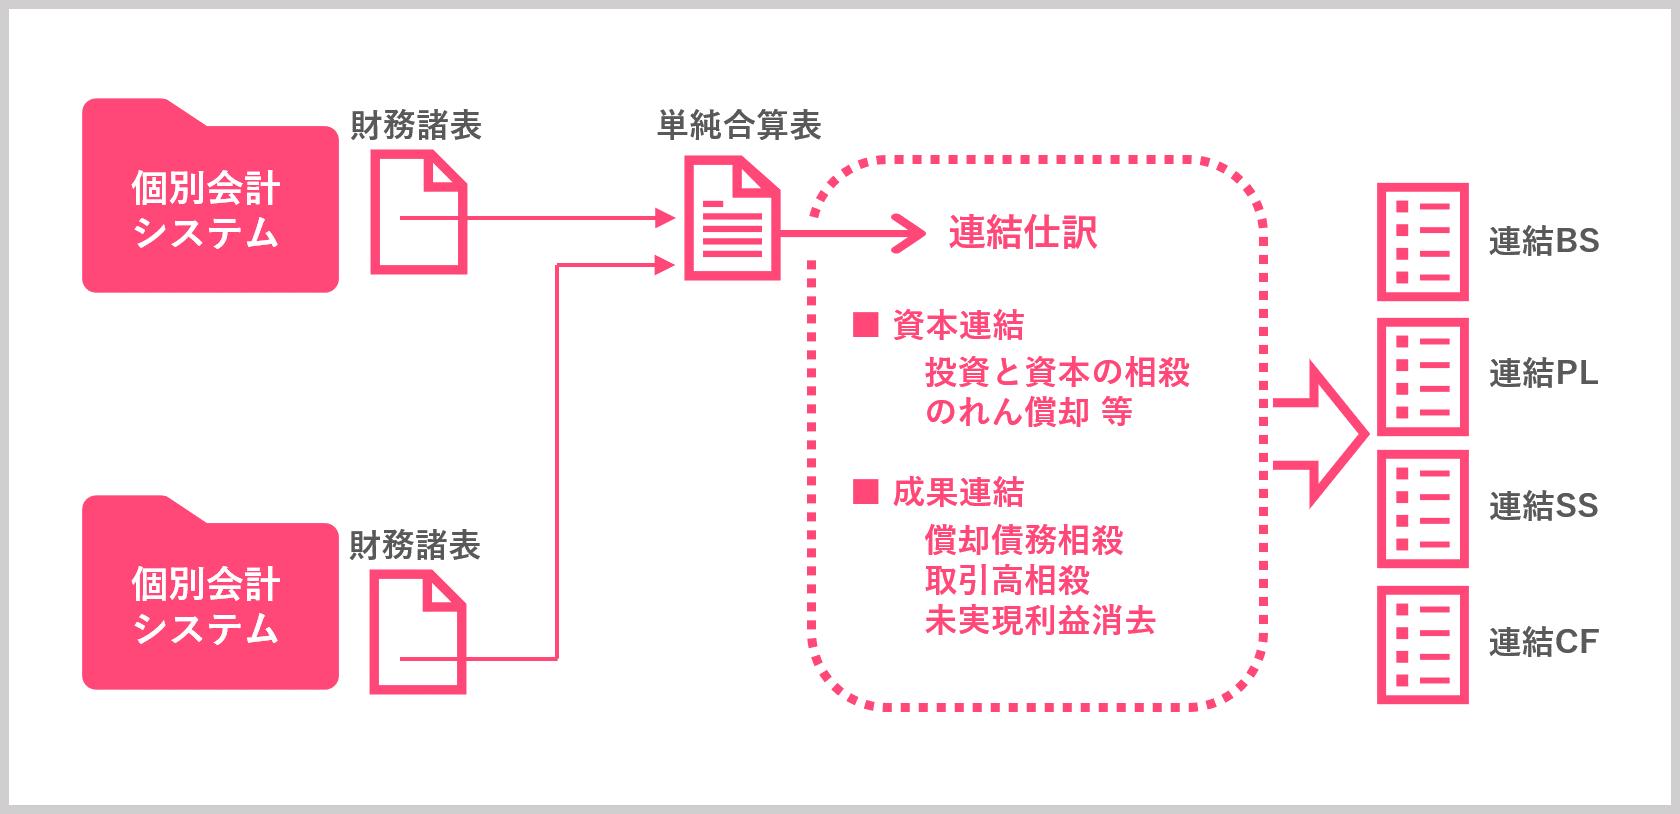 個別会計システムの財務諸表から、連結精算表や財務諸表、注記情報を作成する